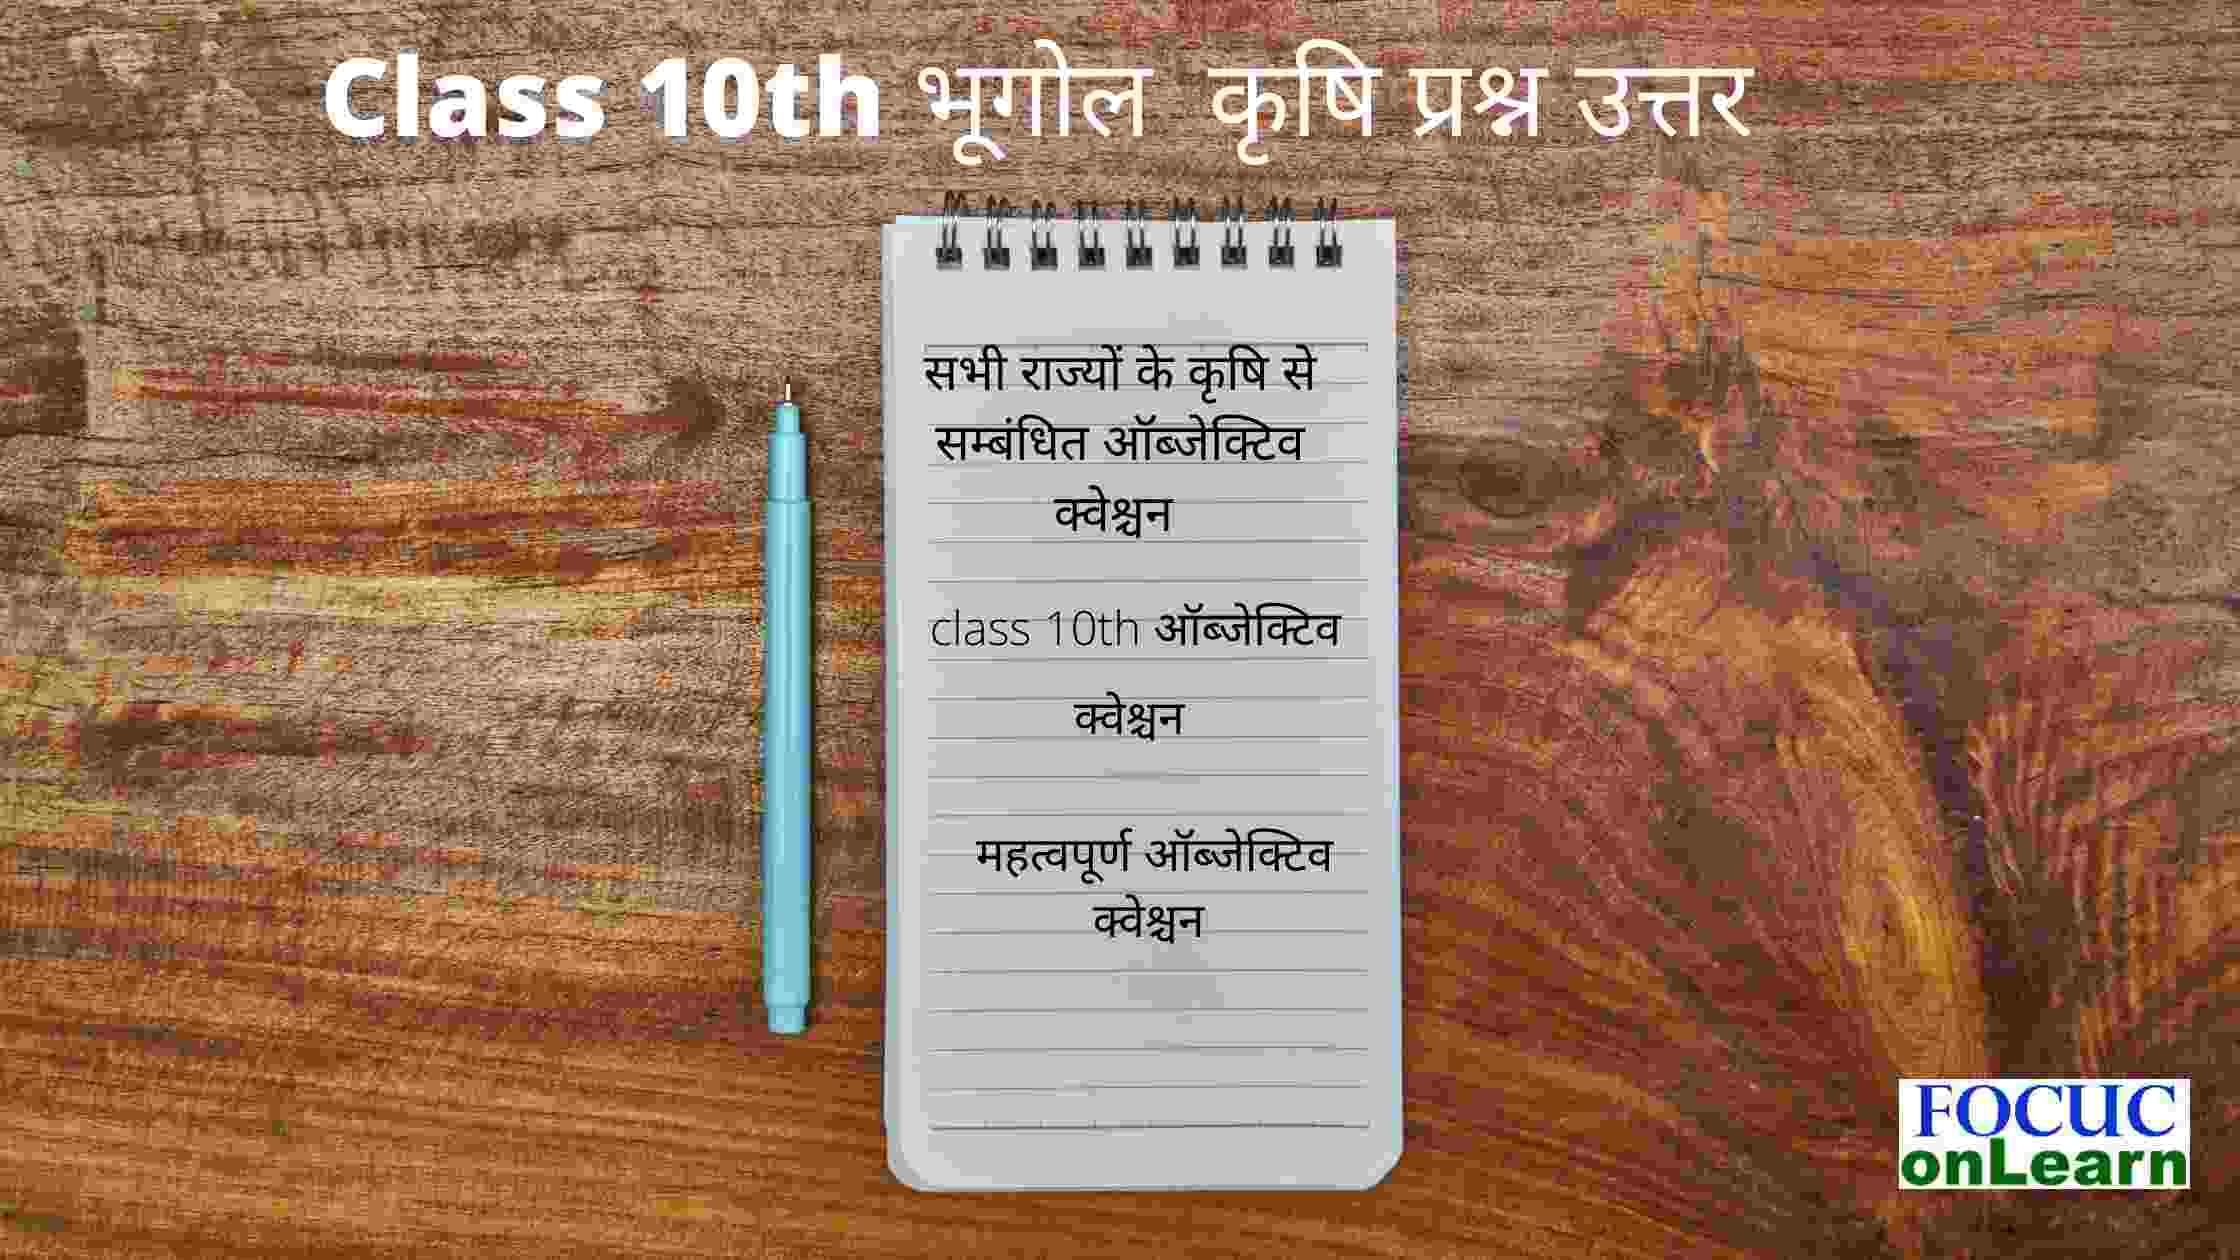 Class 10th Krishi prashn